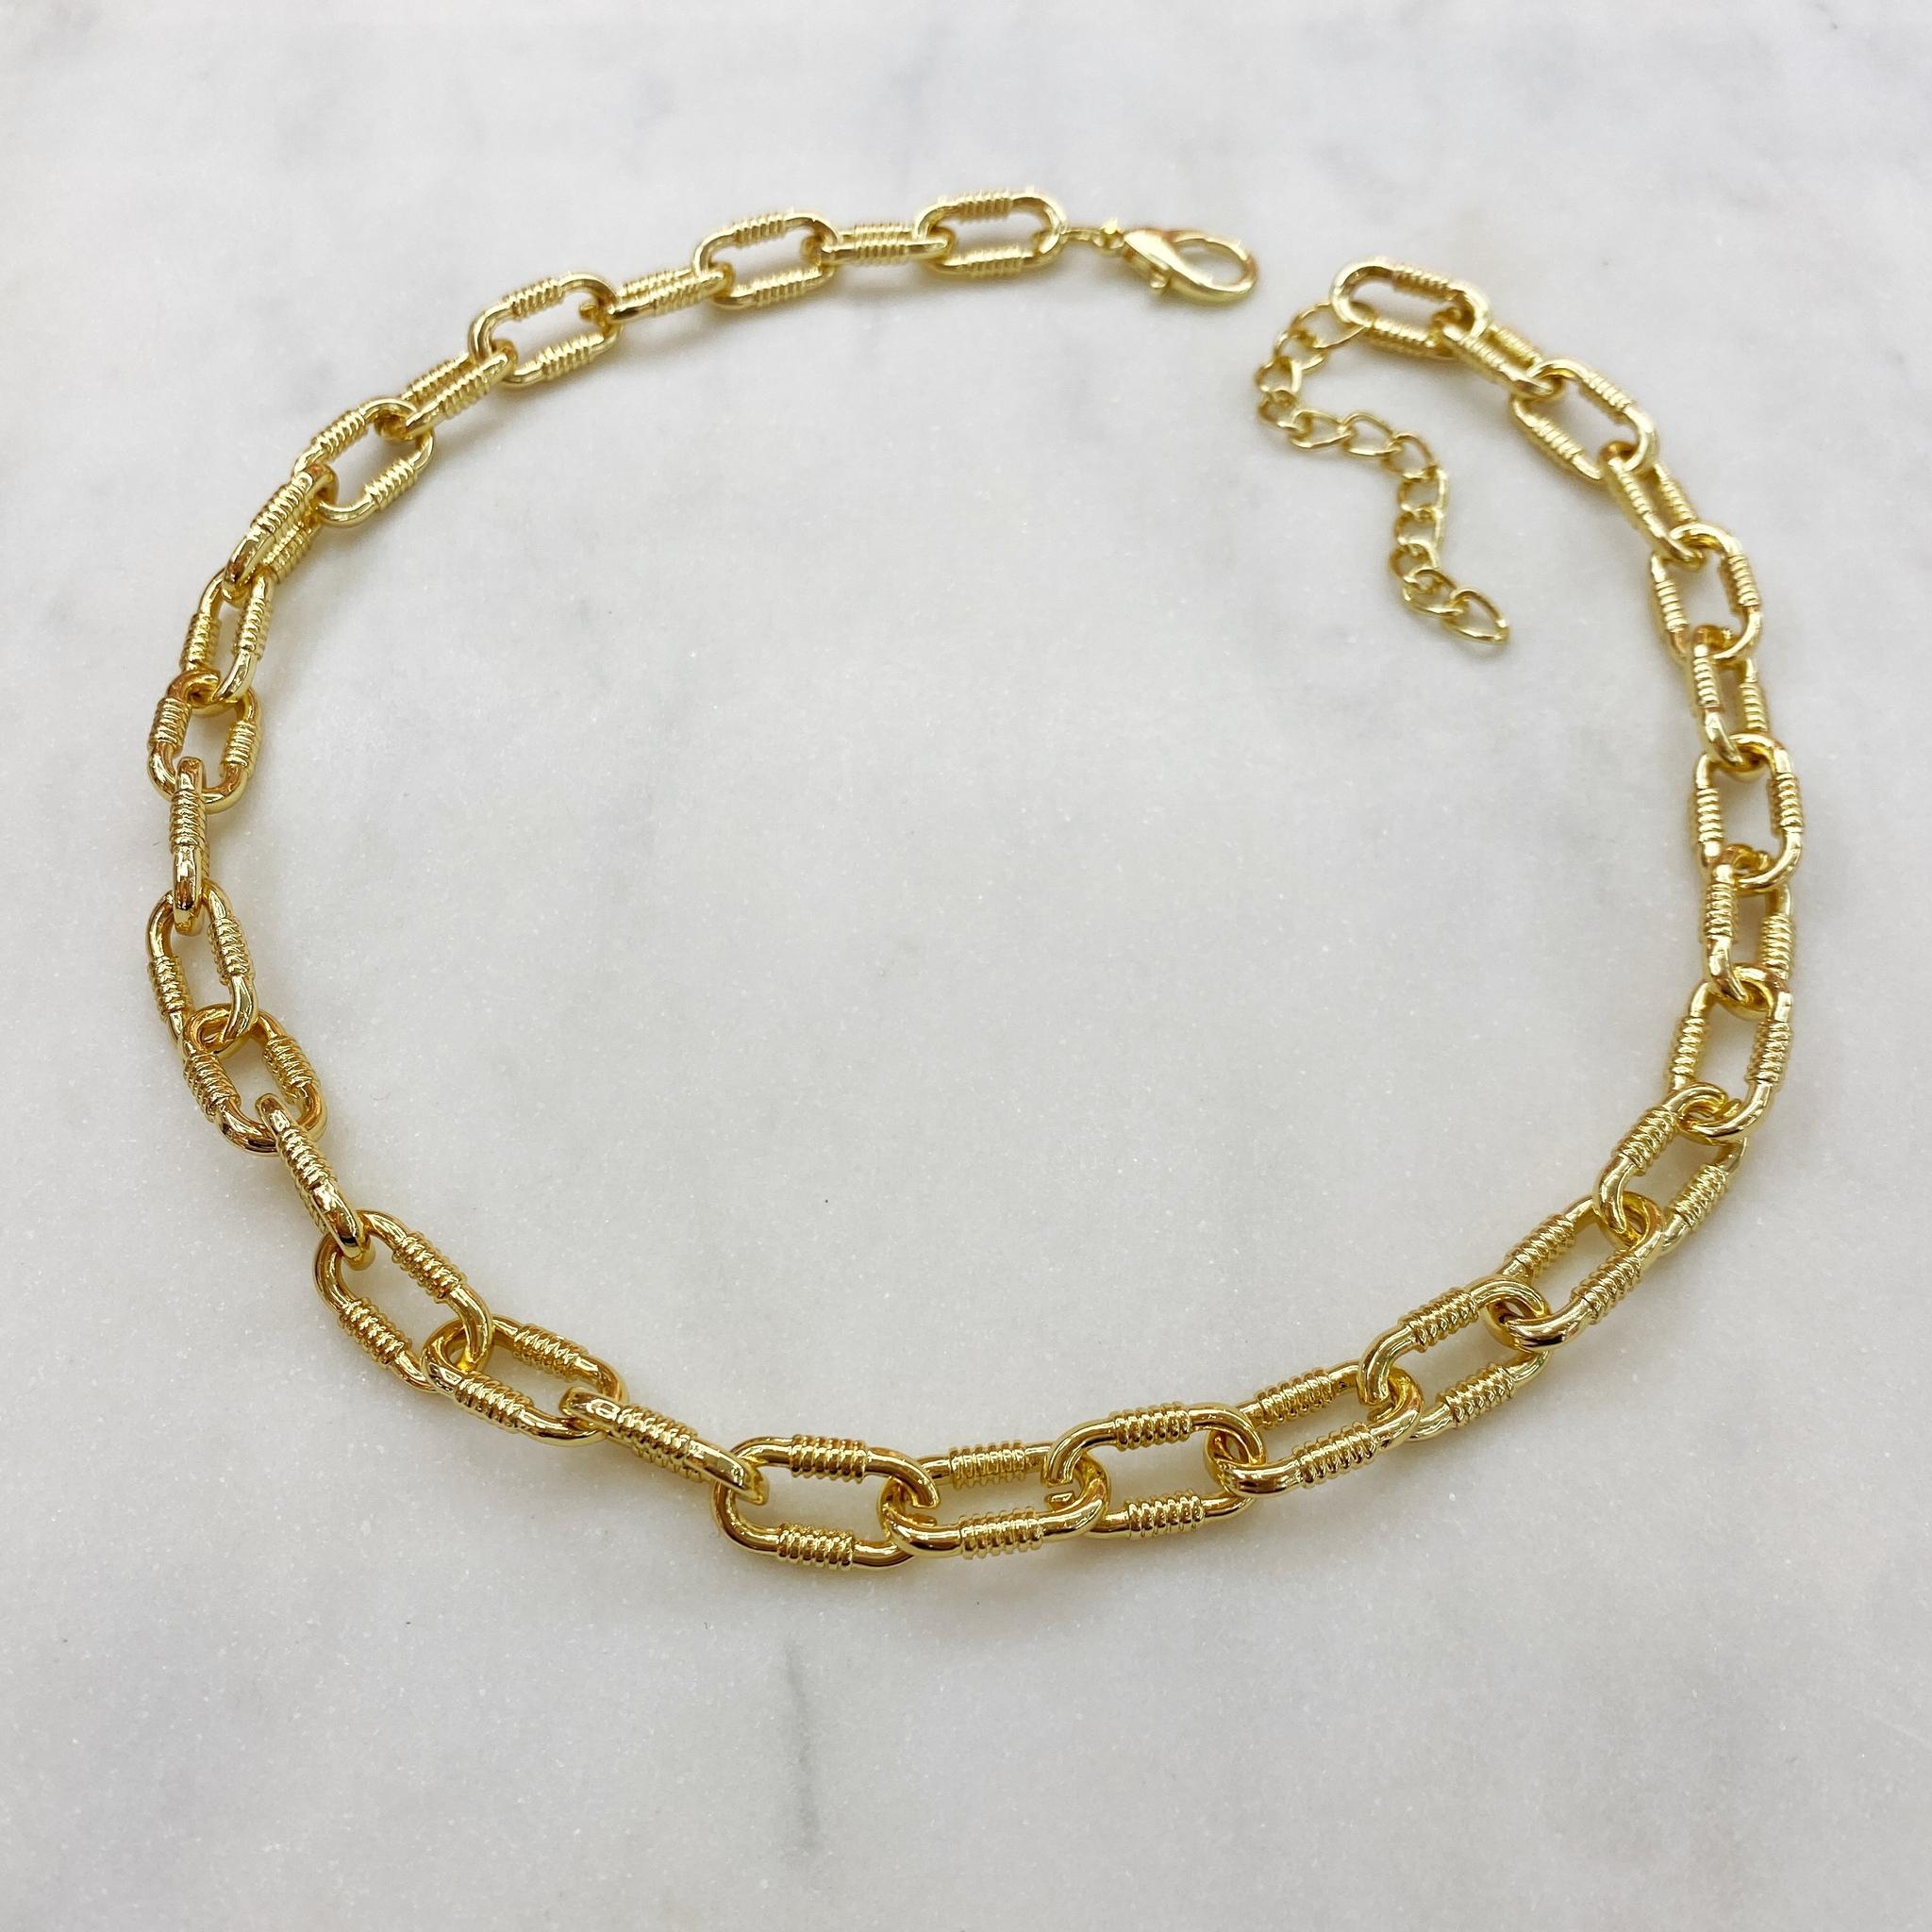 Колье-цепь с фактурными овальными звеньями 45 см (золотистый)